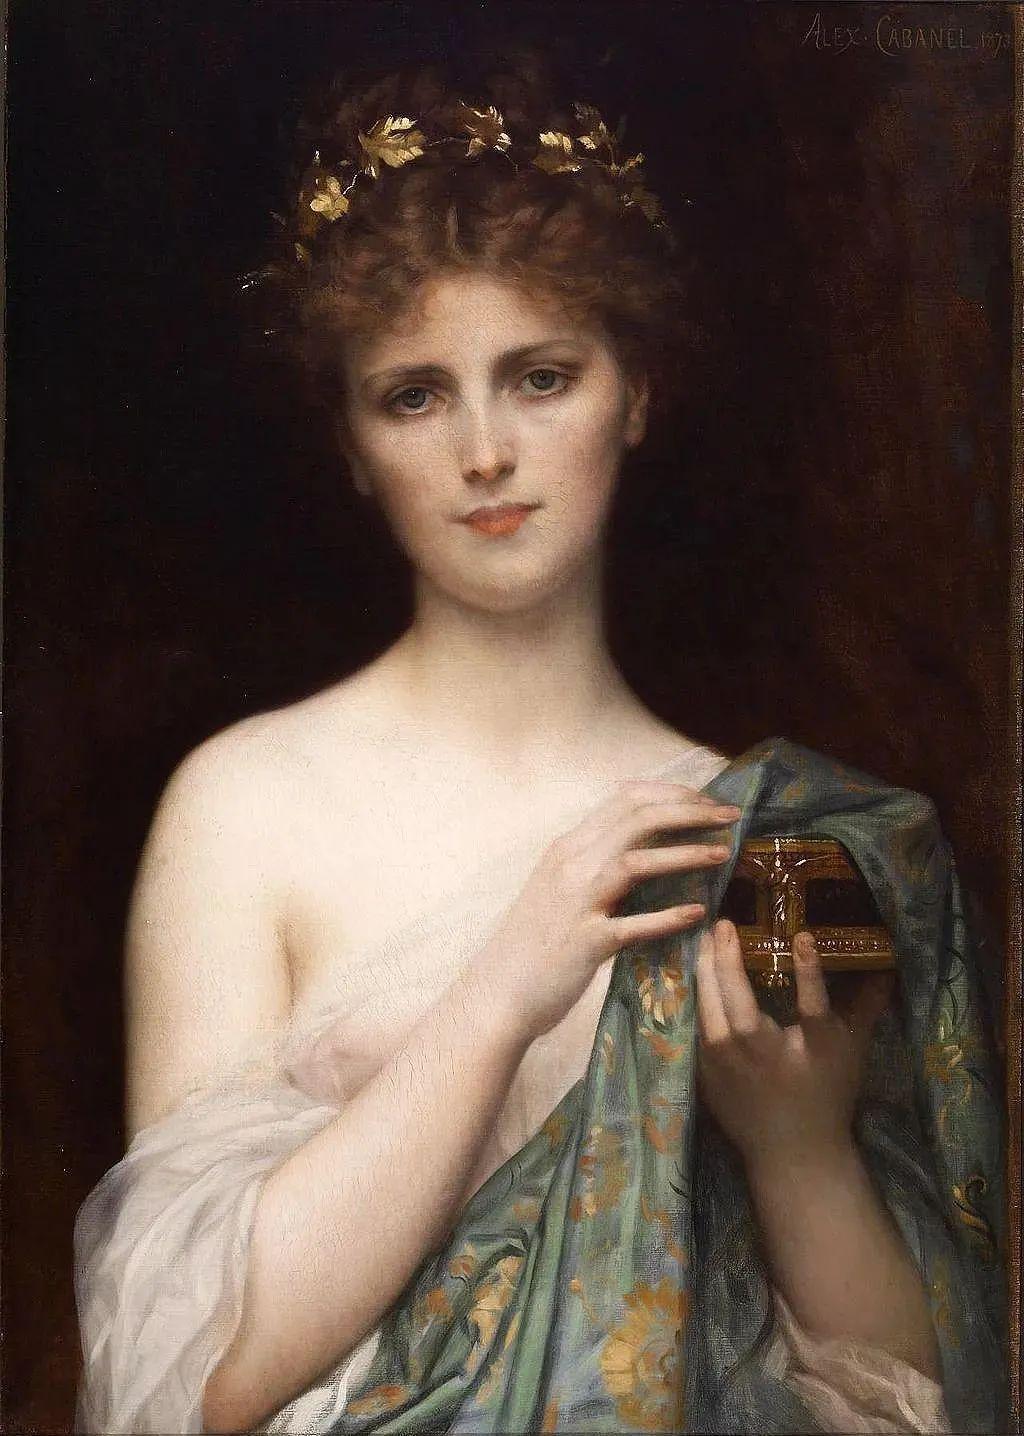 见证实力!法国新古典主义学院派画家,亚历山大·卡巴内尔的油画插图3